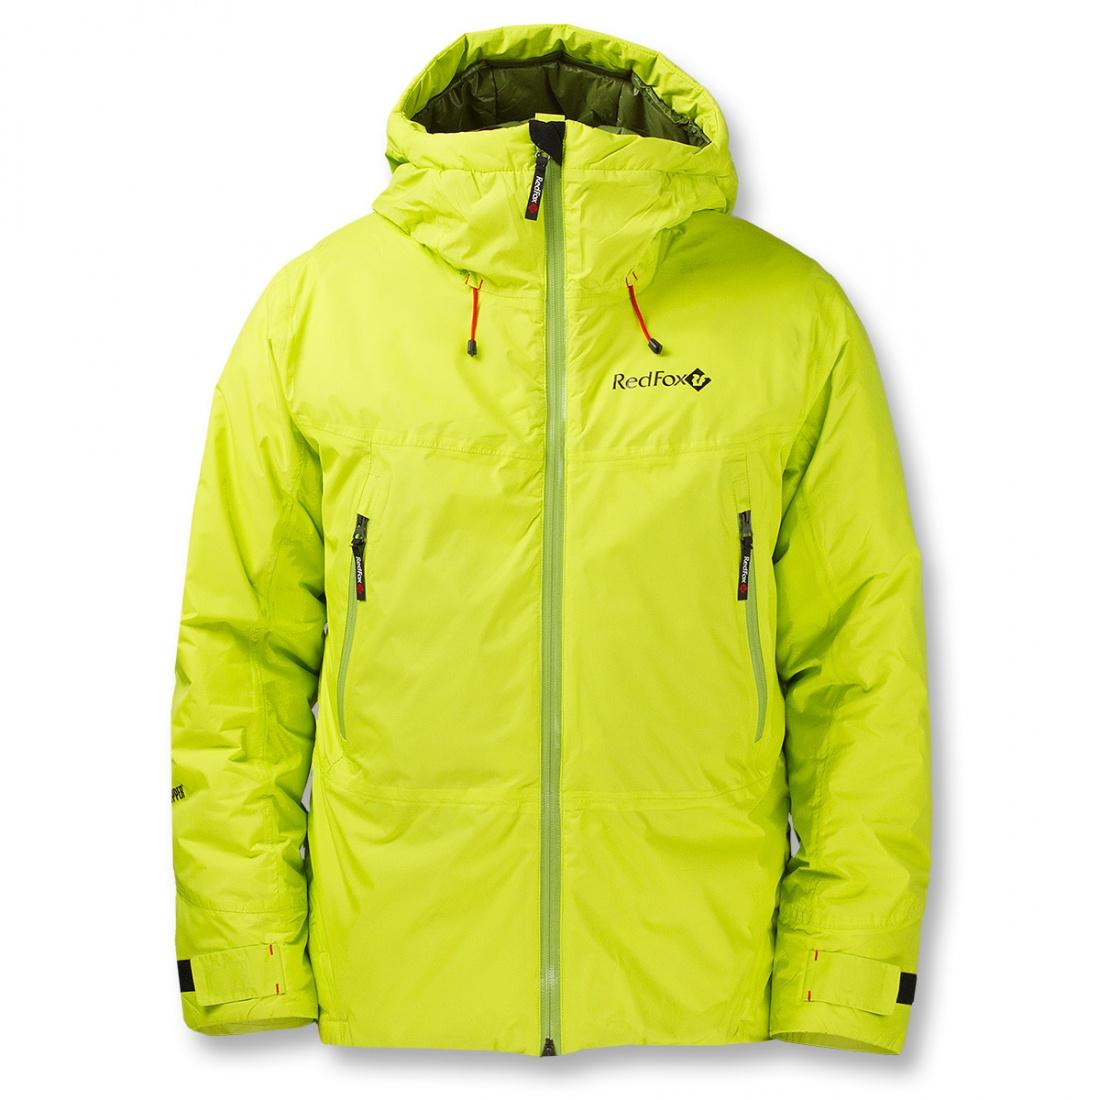 0cafbc04aaf8 Куртка утепленная Wind Loft Men s Red Fox купить в интернет-магазине ...